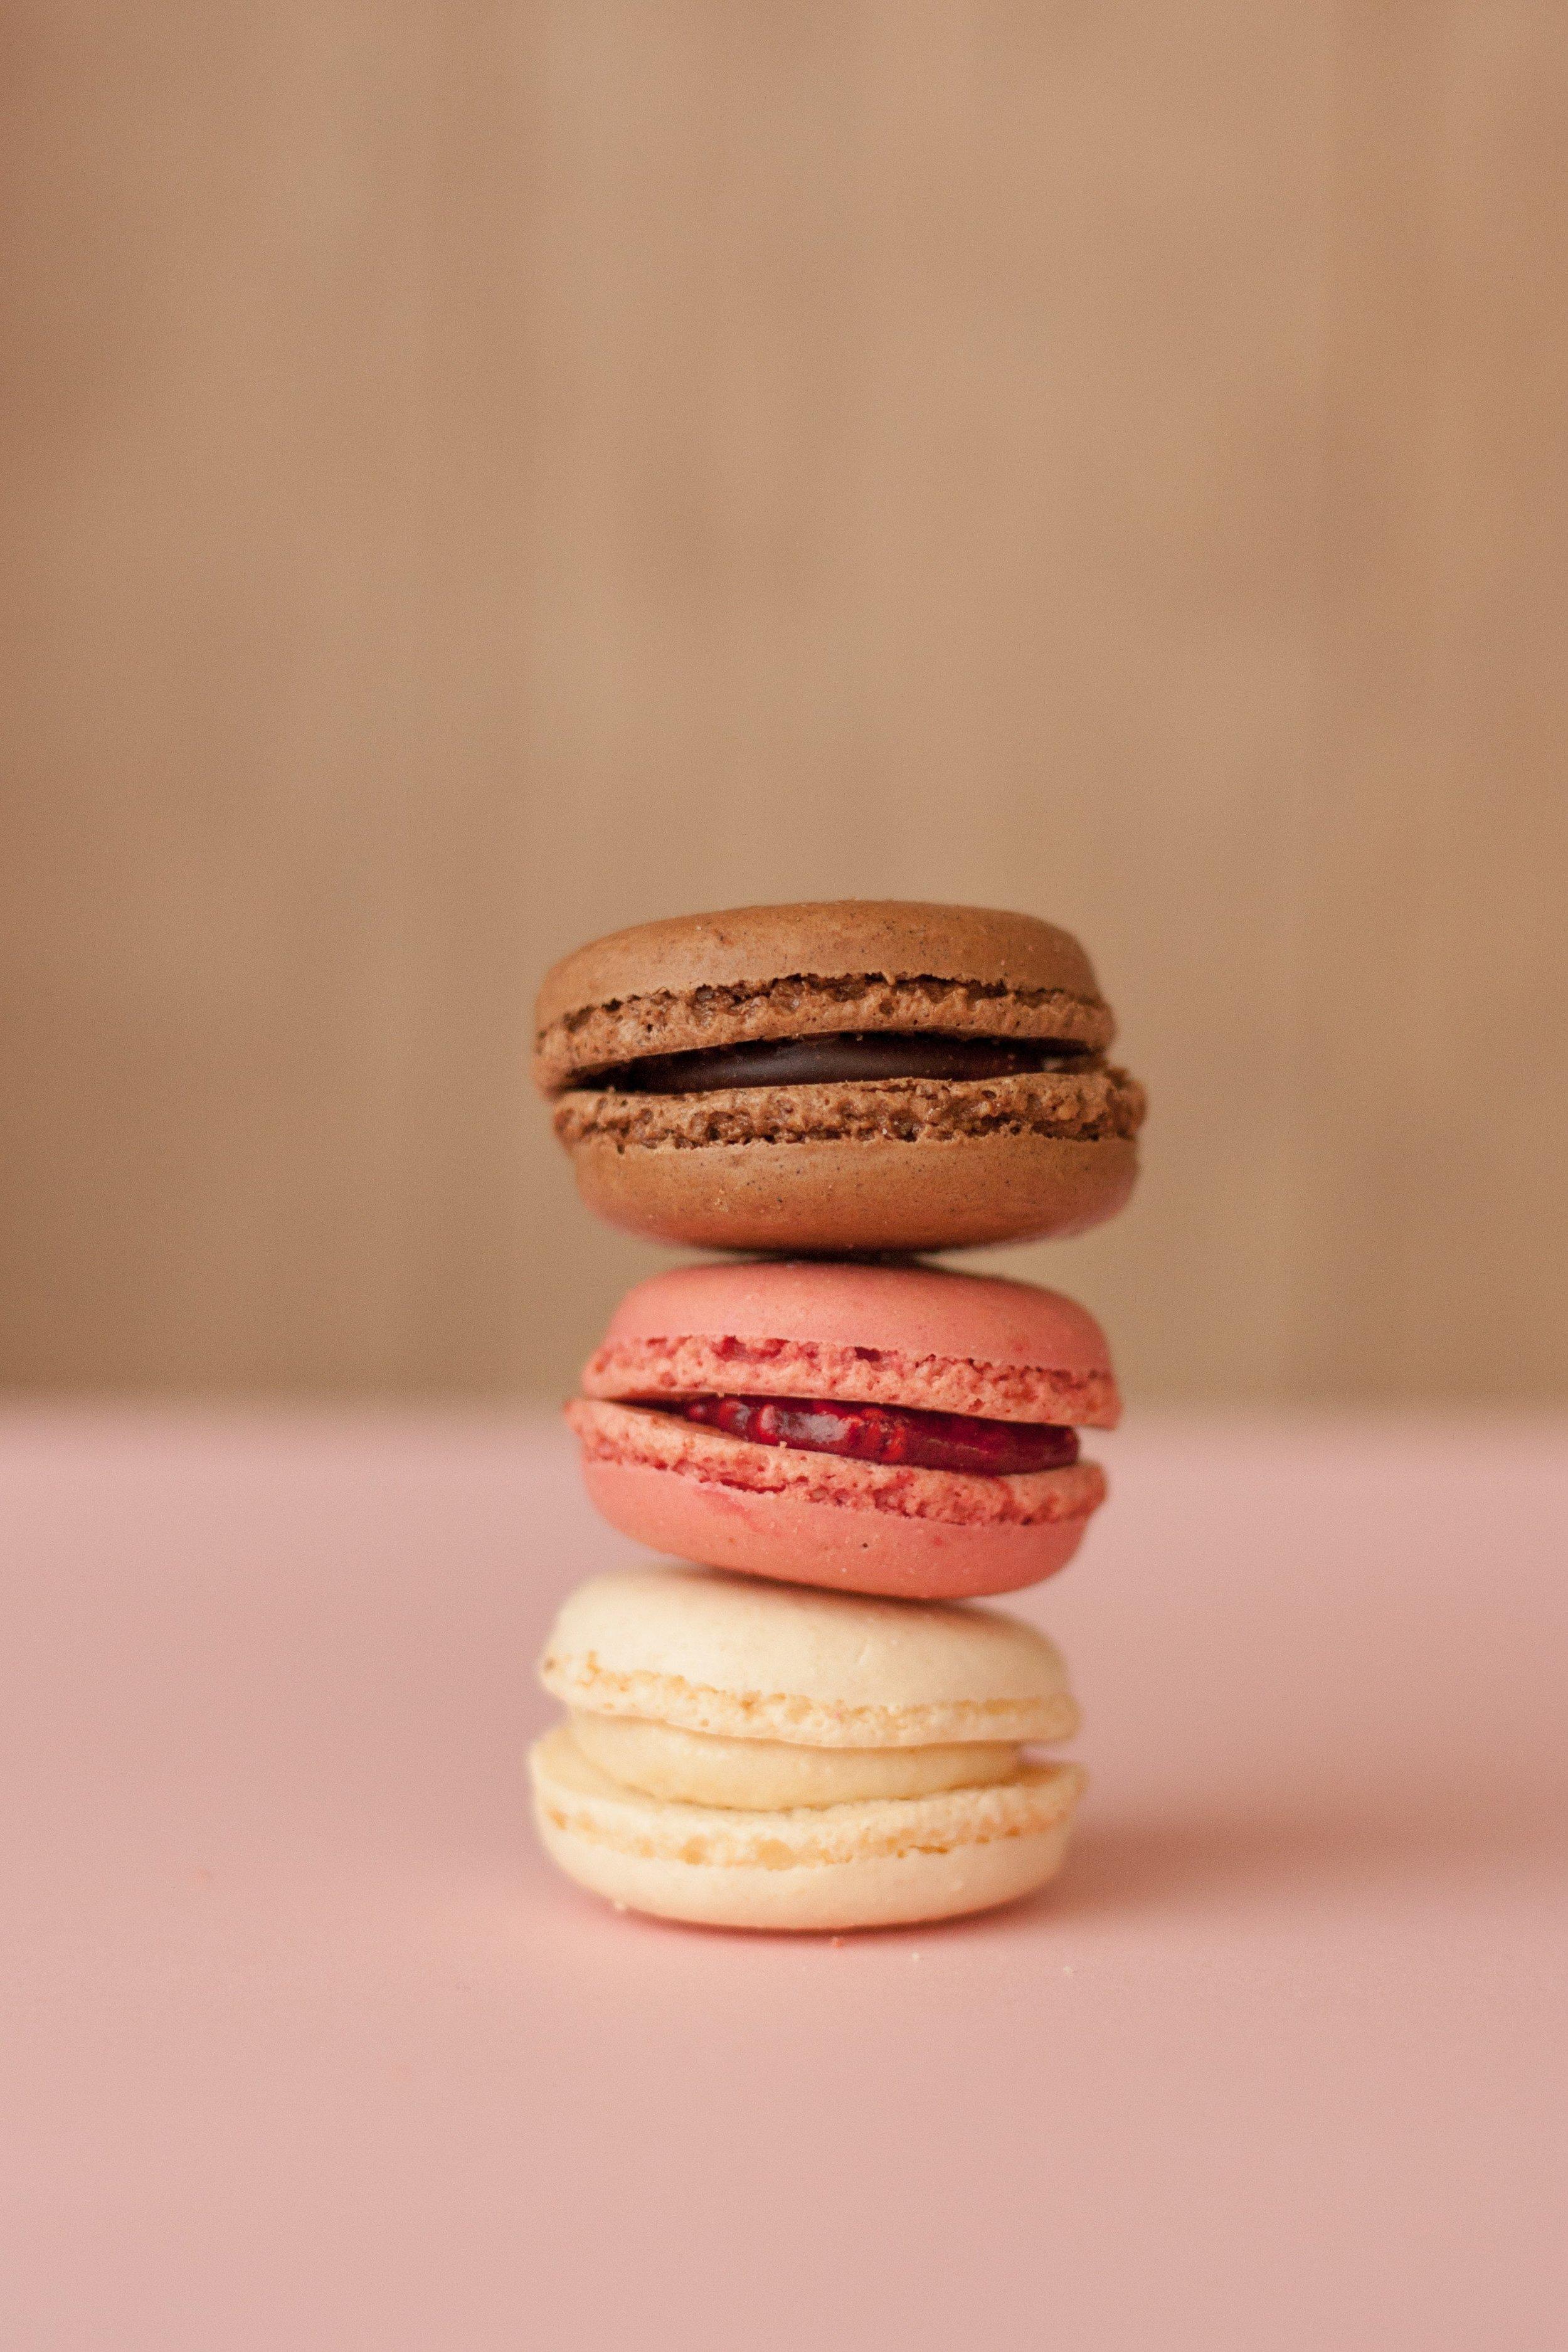 balance-cookies-dessert-6747.jpg